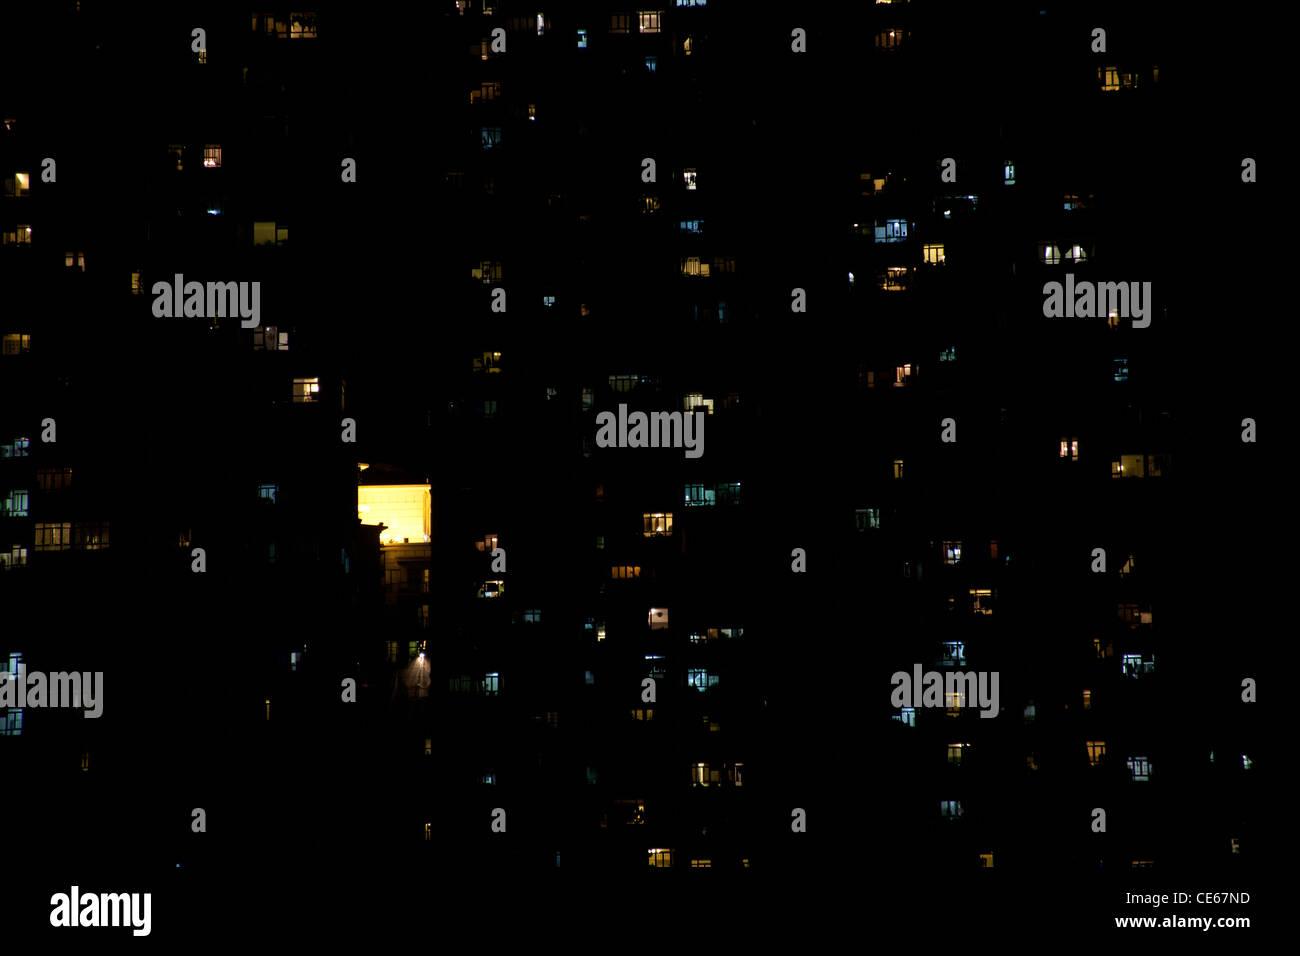 Lights of tower blocks and city lights at night reflected in the Shing Mun River ShaTin Hong Kong SAR China - Stock Image